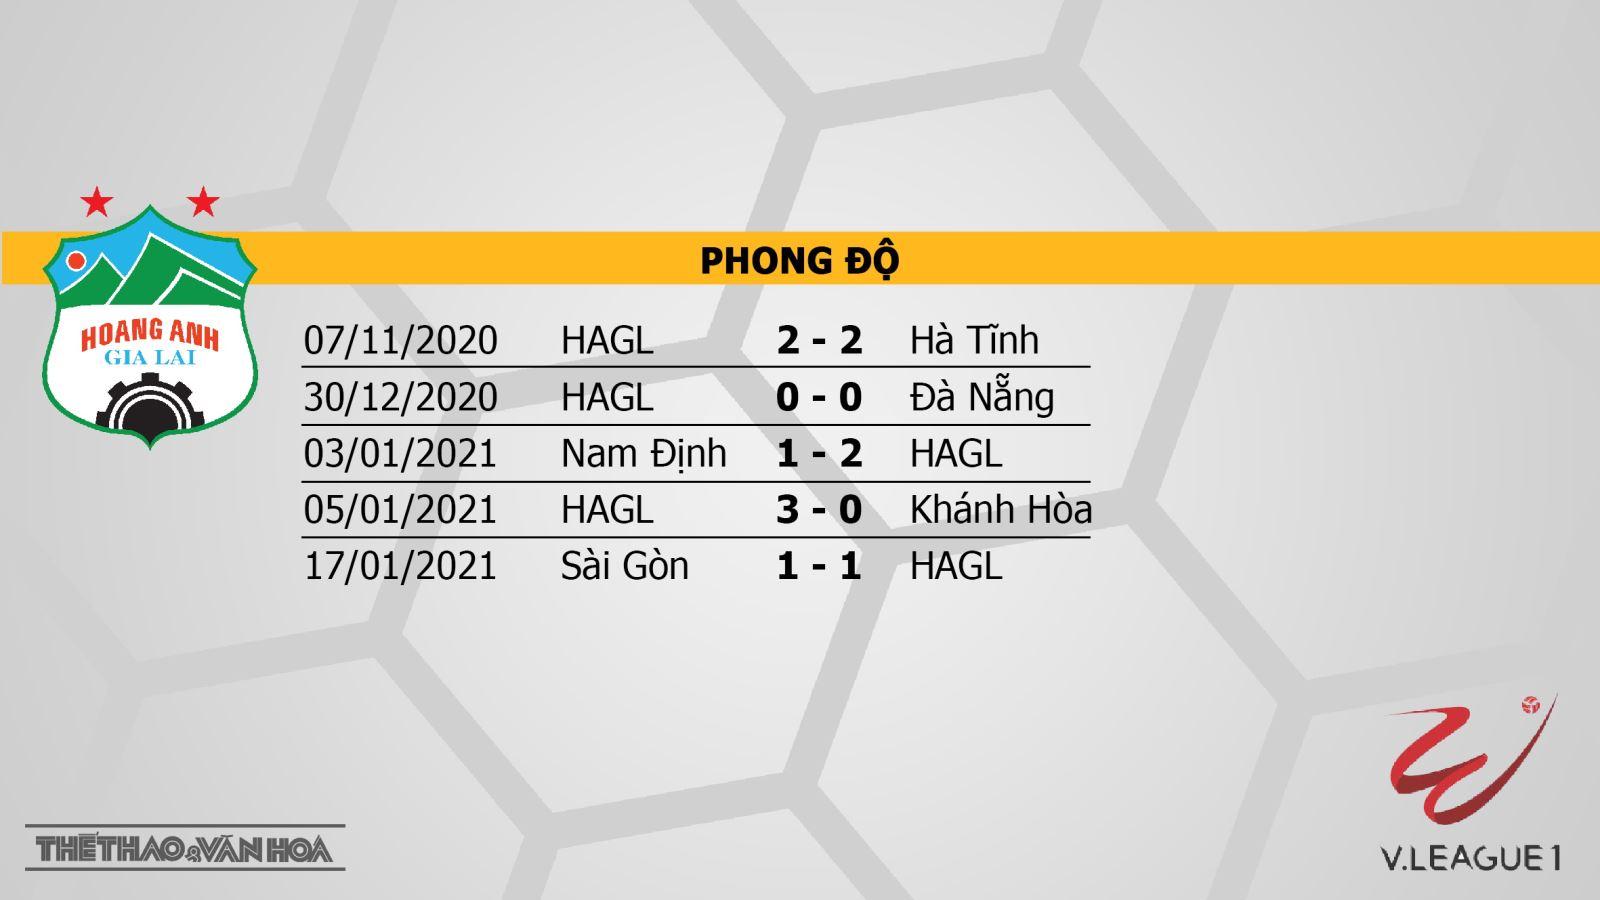 Trực tiếp bóng đá Việt Nam, HAGL vs SLNA, VTV6, VTV5, BĐTV, Trực tiếp Hoàng Anh Gia Lai đấu với Sông Lam Nghệ An, Trực tiếp bóng đá Việt Nam 2021, Trực tiếp HAGL